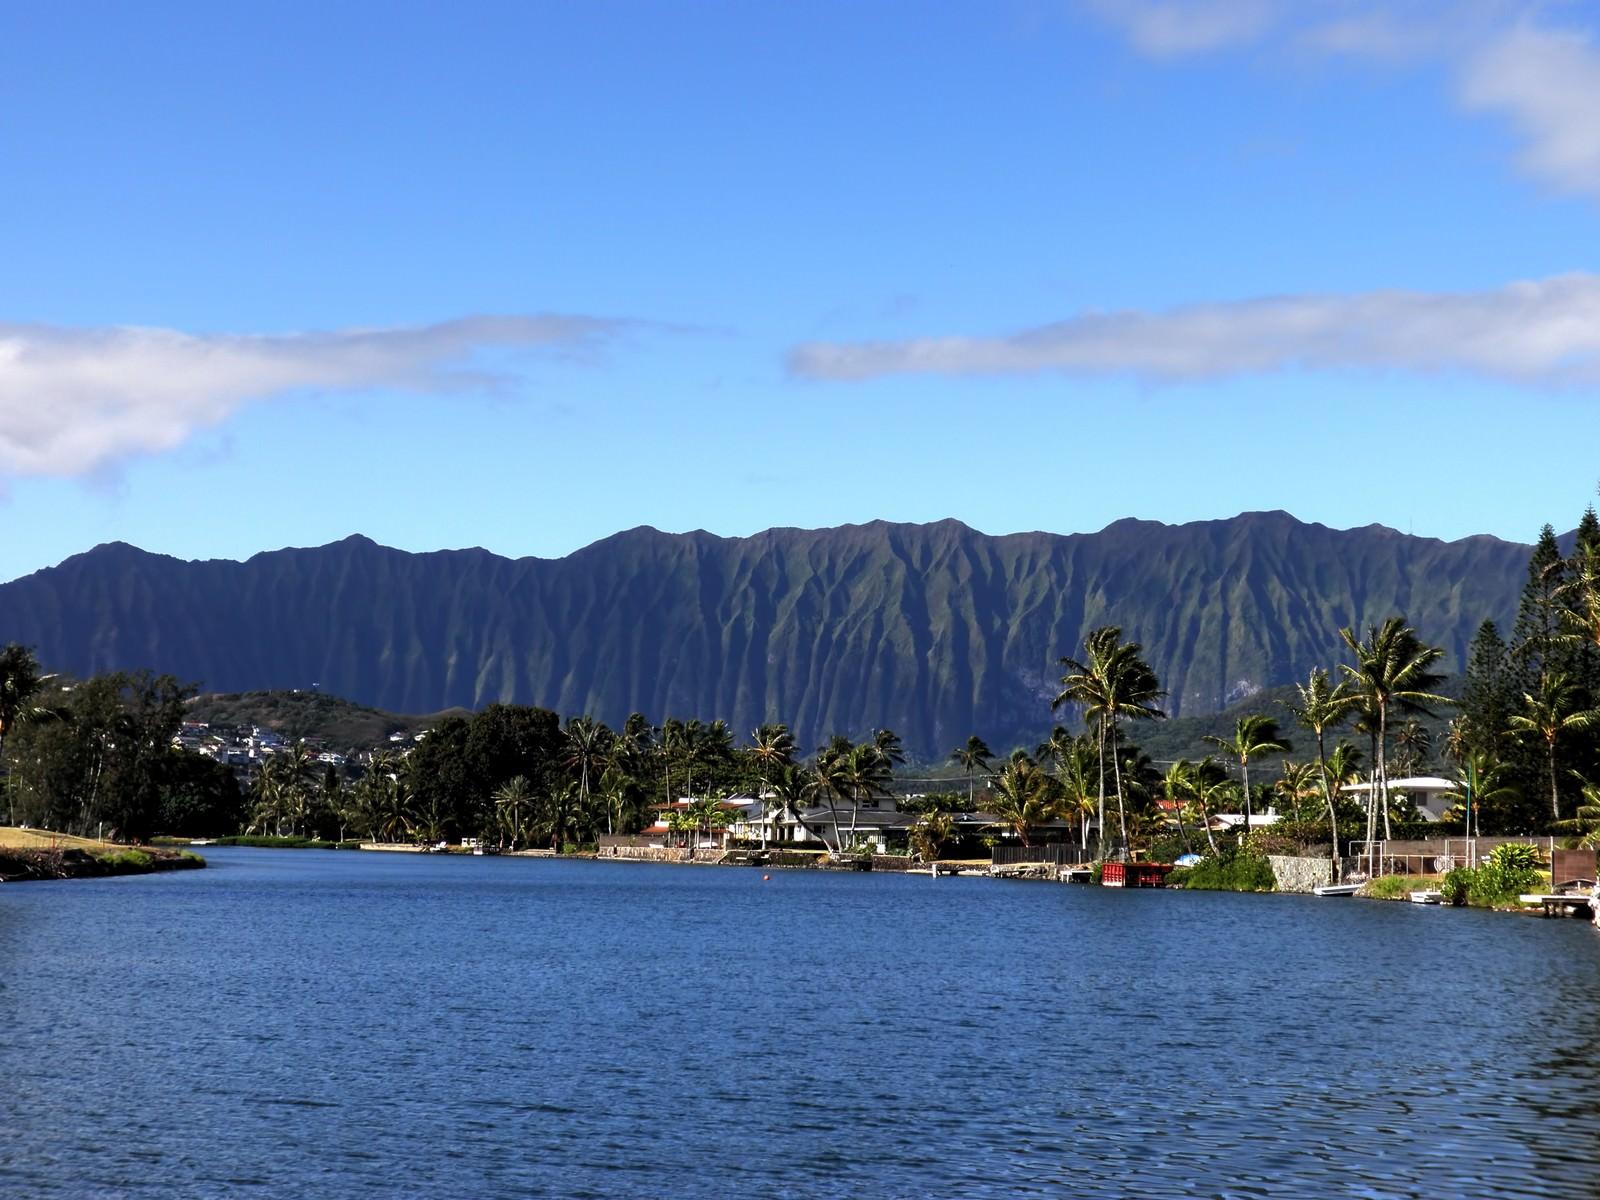 「ハワイ山脈ハワイ山脈」のフリー写真素材を拡大